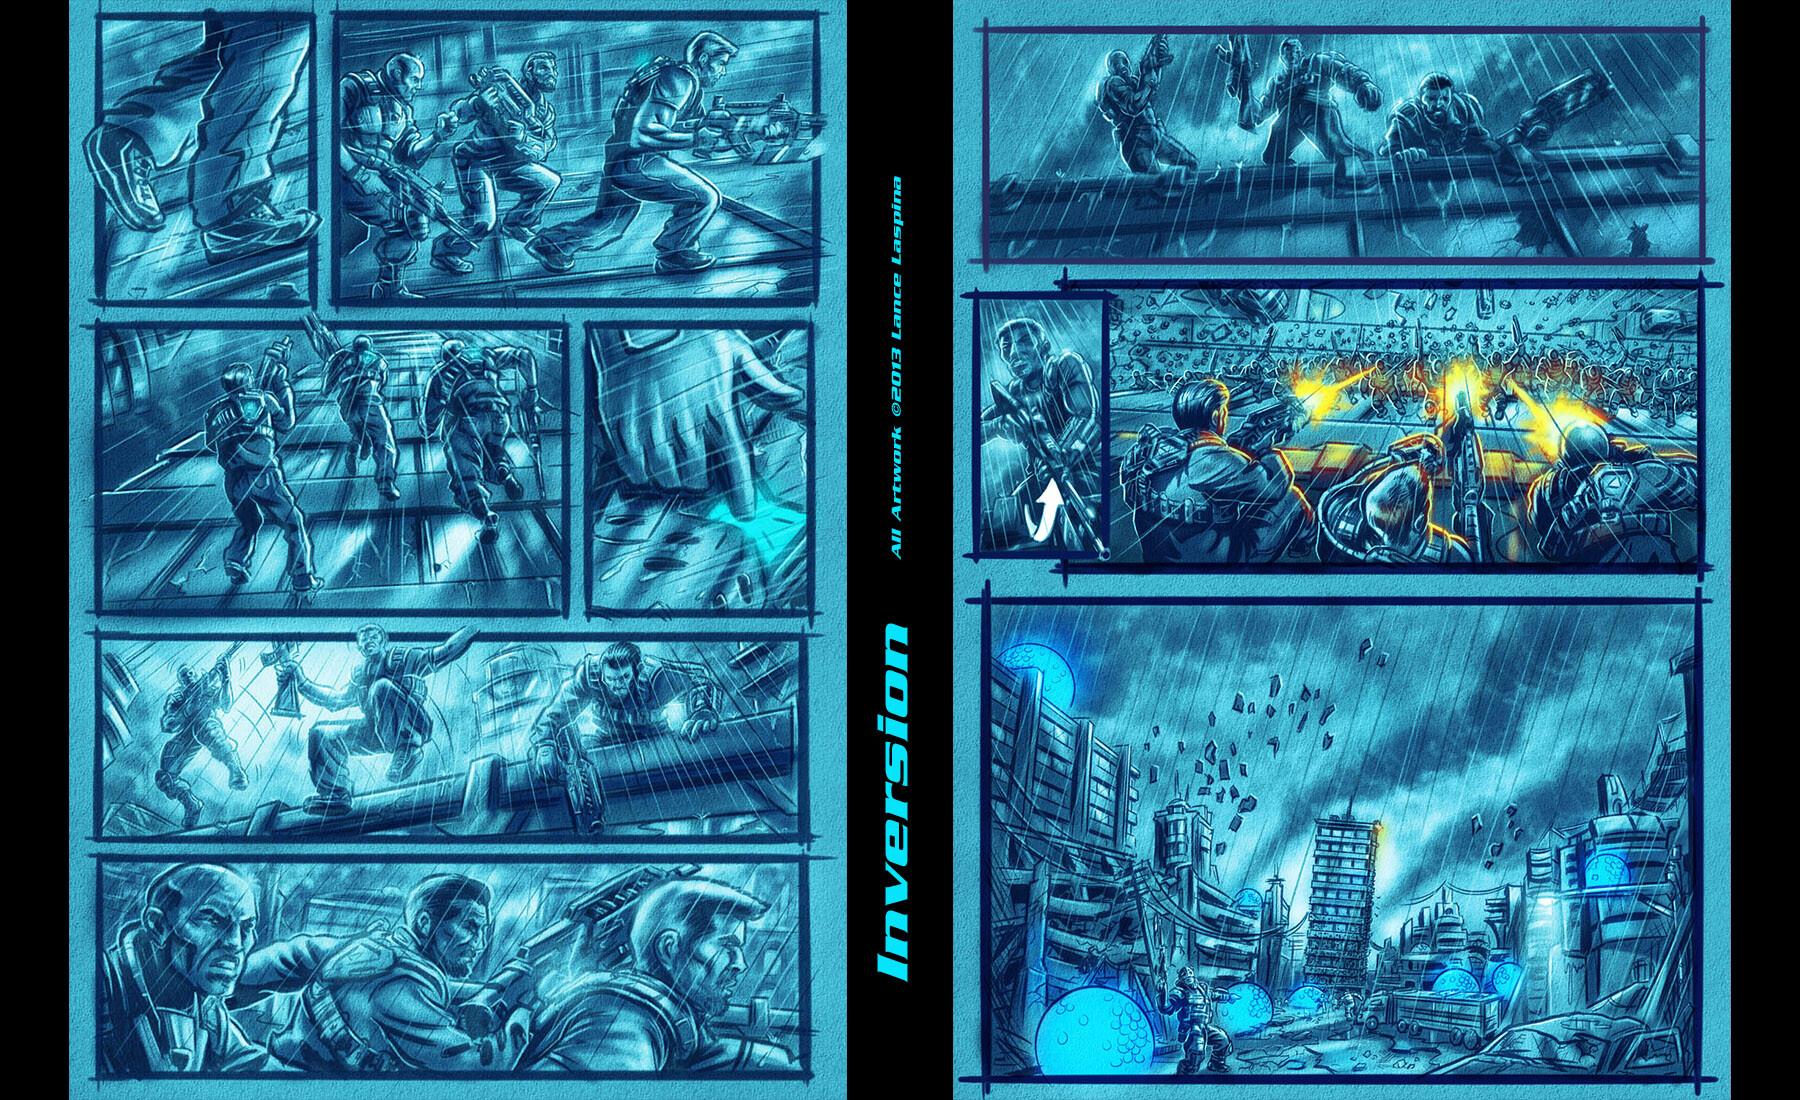 Lance laspina as storyboardsamples 25